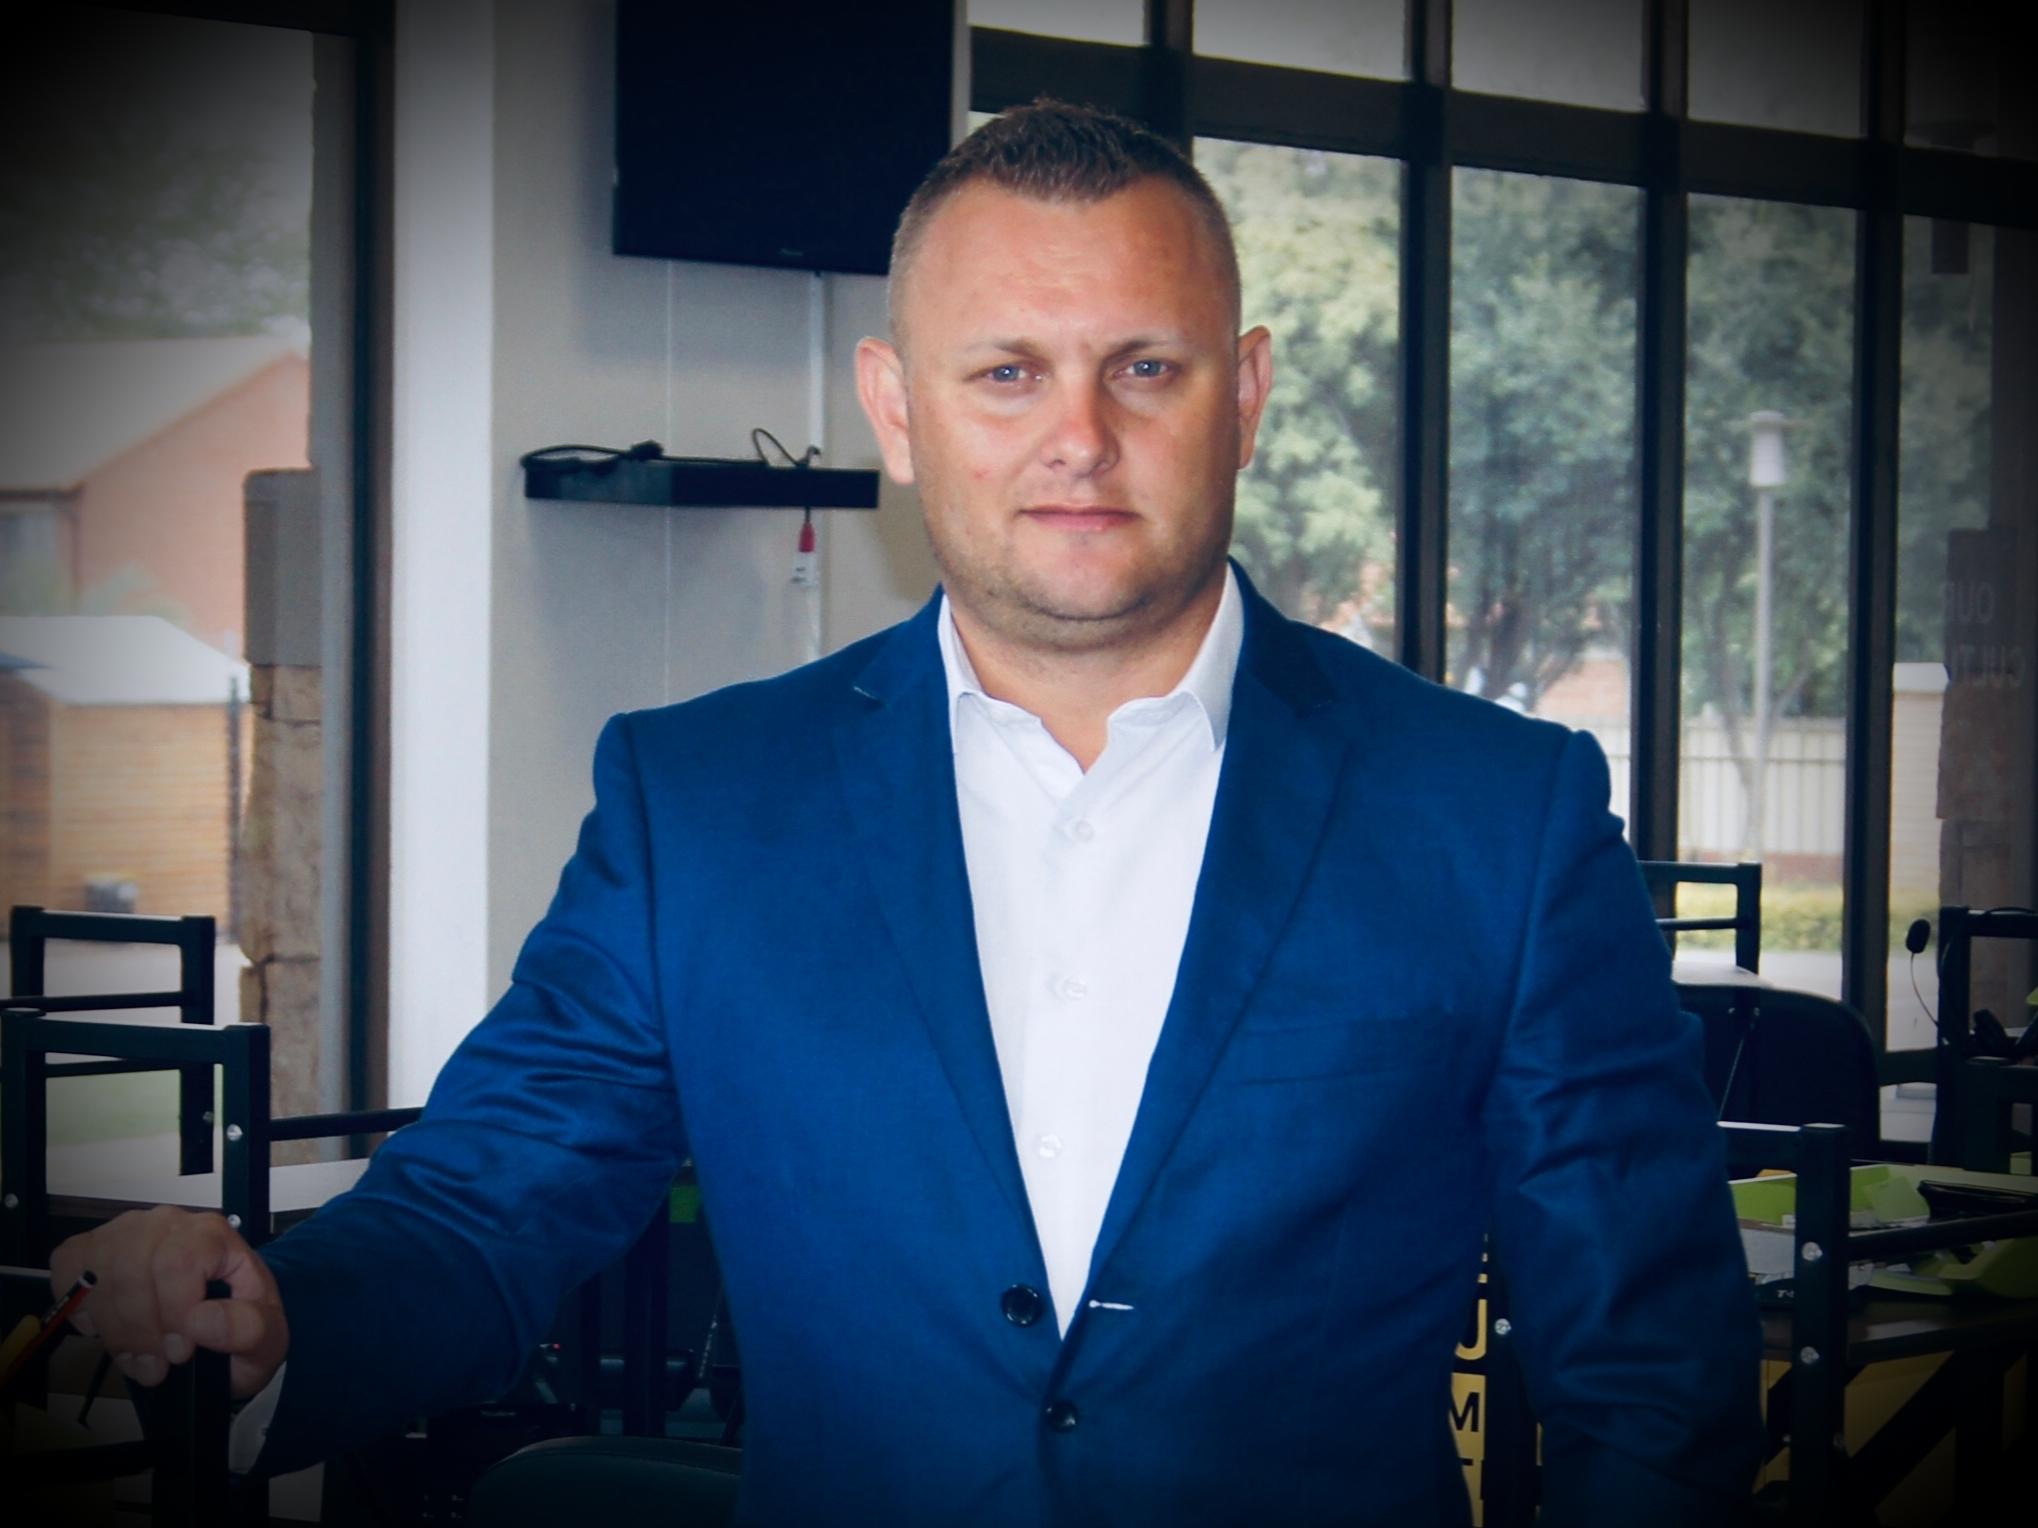 Wesley-Rabie-CEO-of-MasterCare.jpg